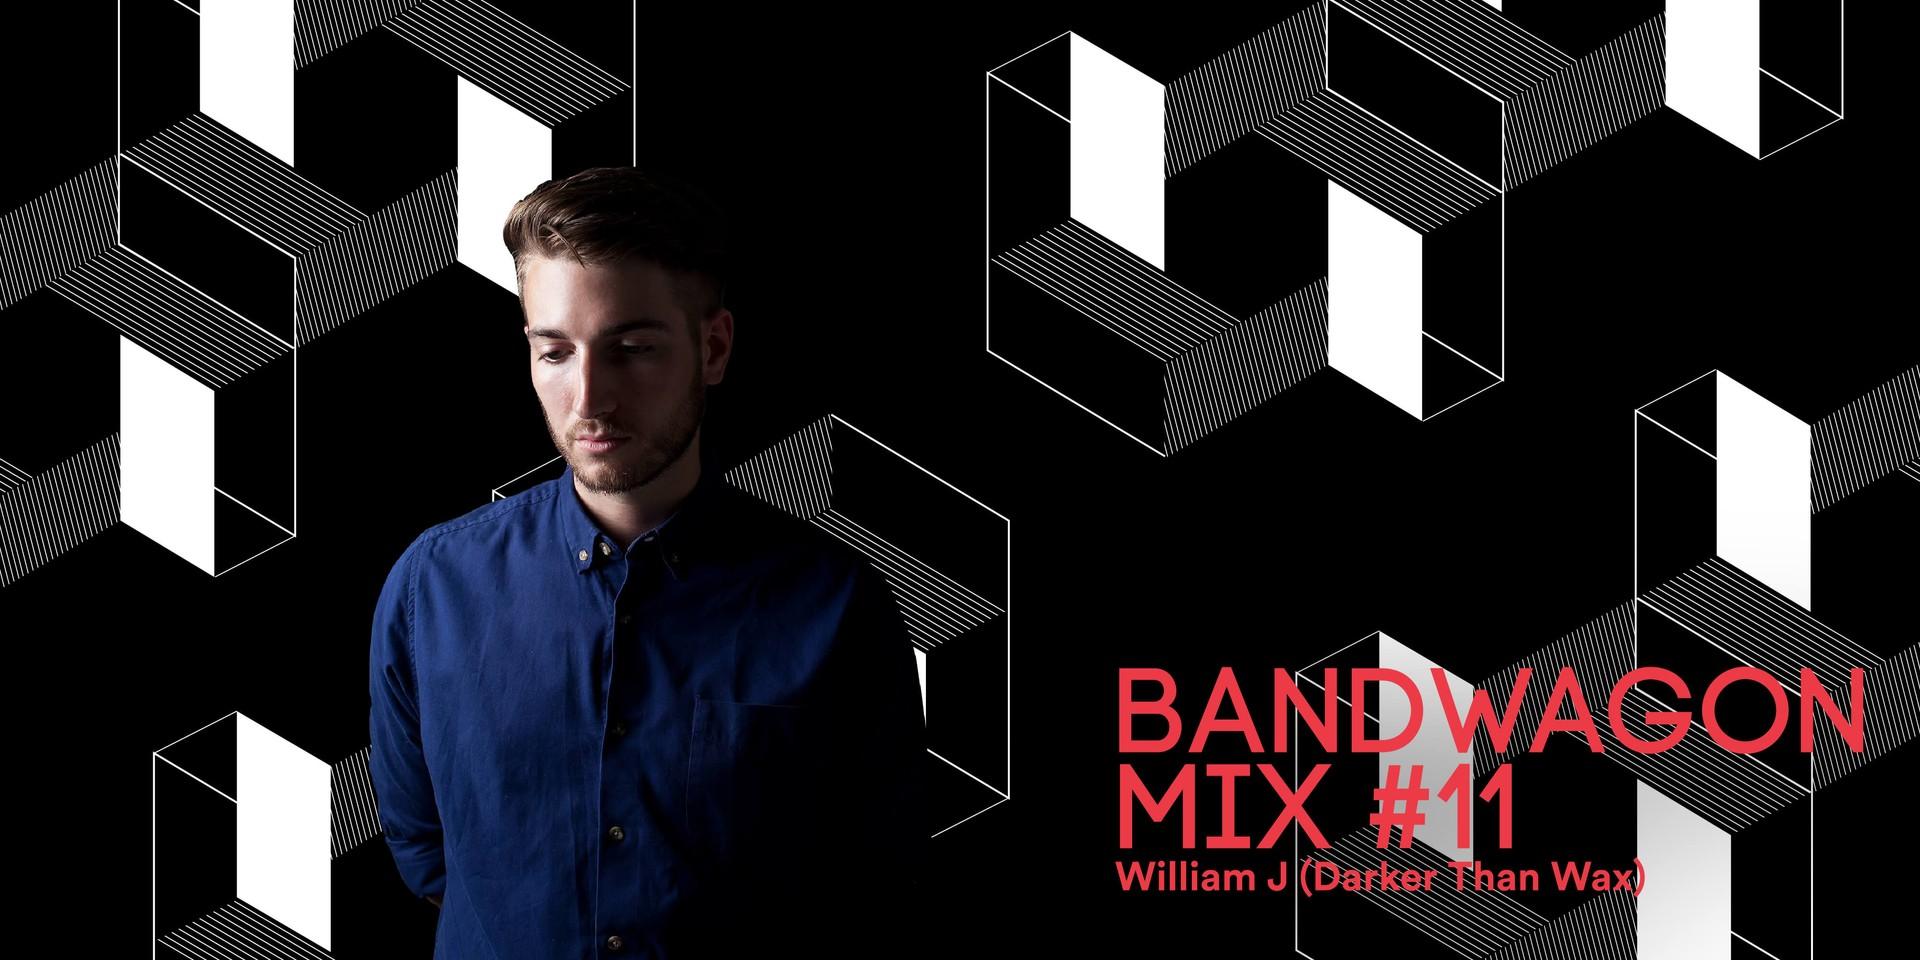 Bandwagon Mix #11: William J (Darker Than Wax)